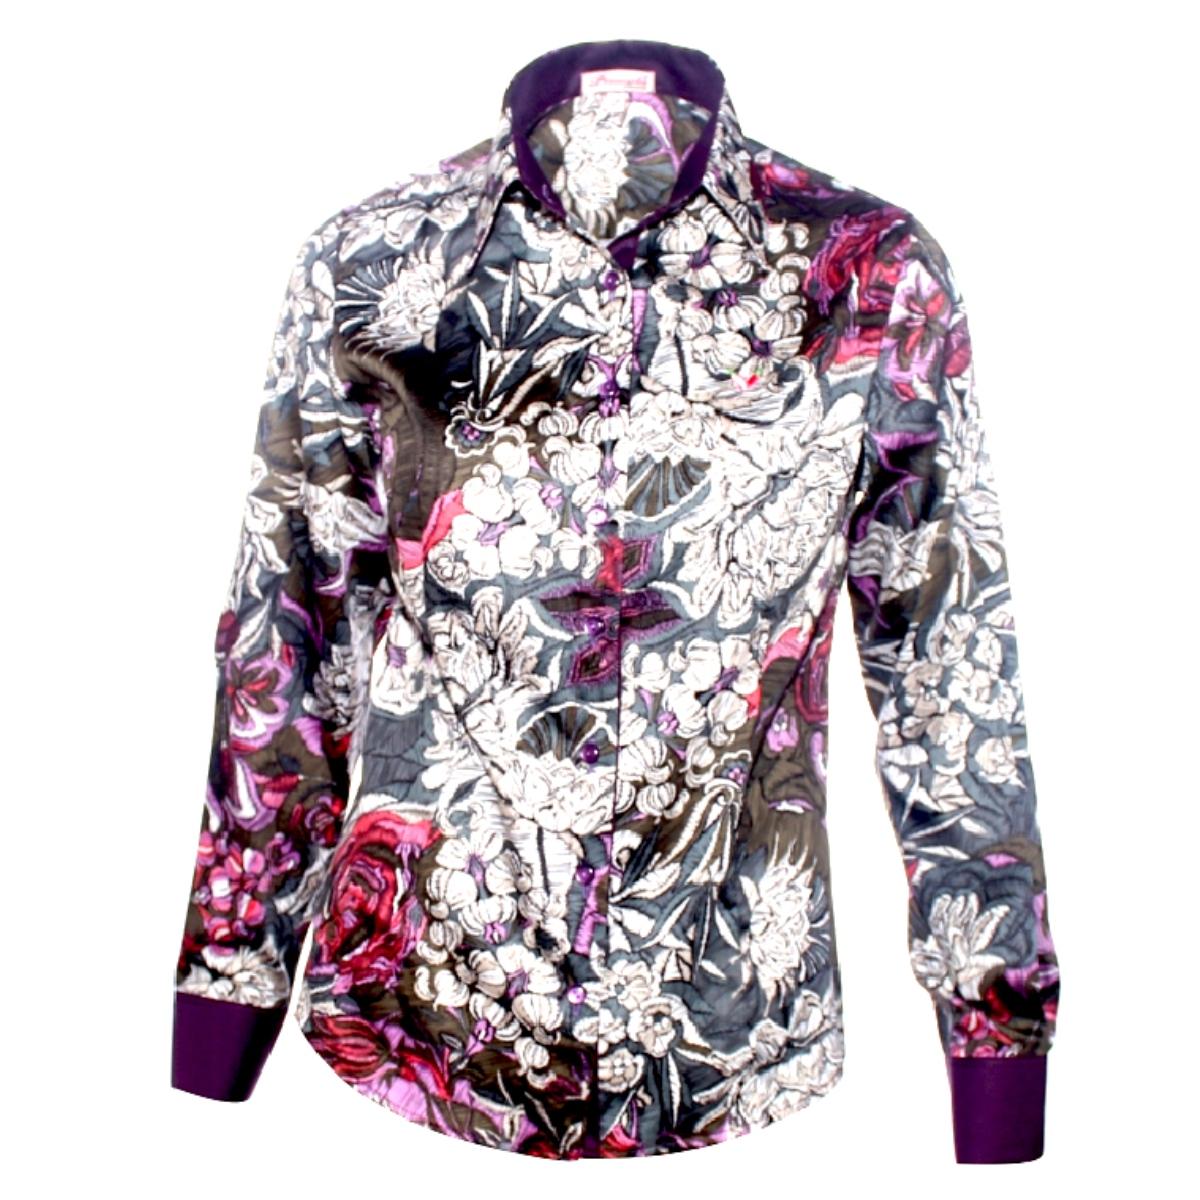 be0a1c8039 Camisa Feminina Mayna Pimenta Rosada